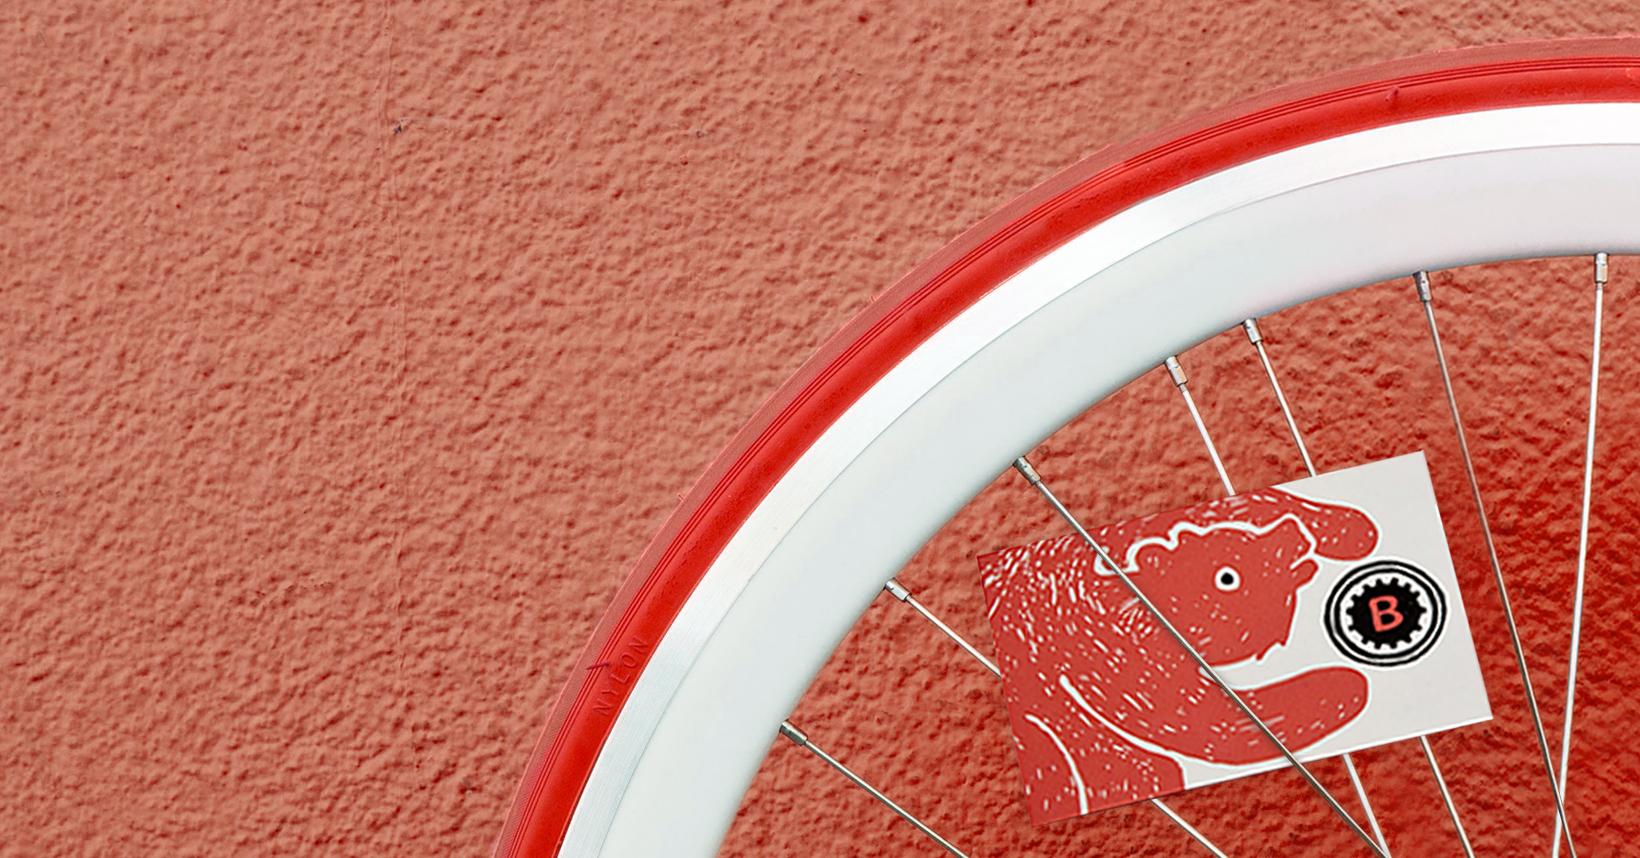 BnB_Composites-Bike_Caard